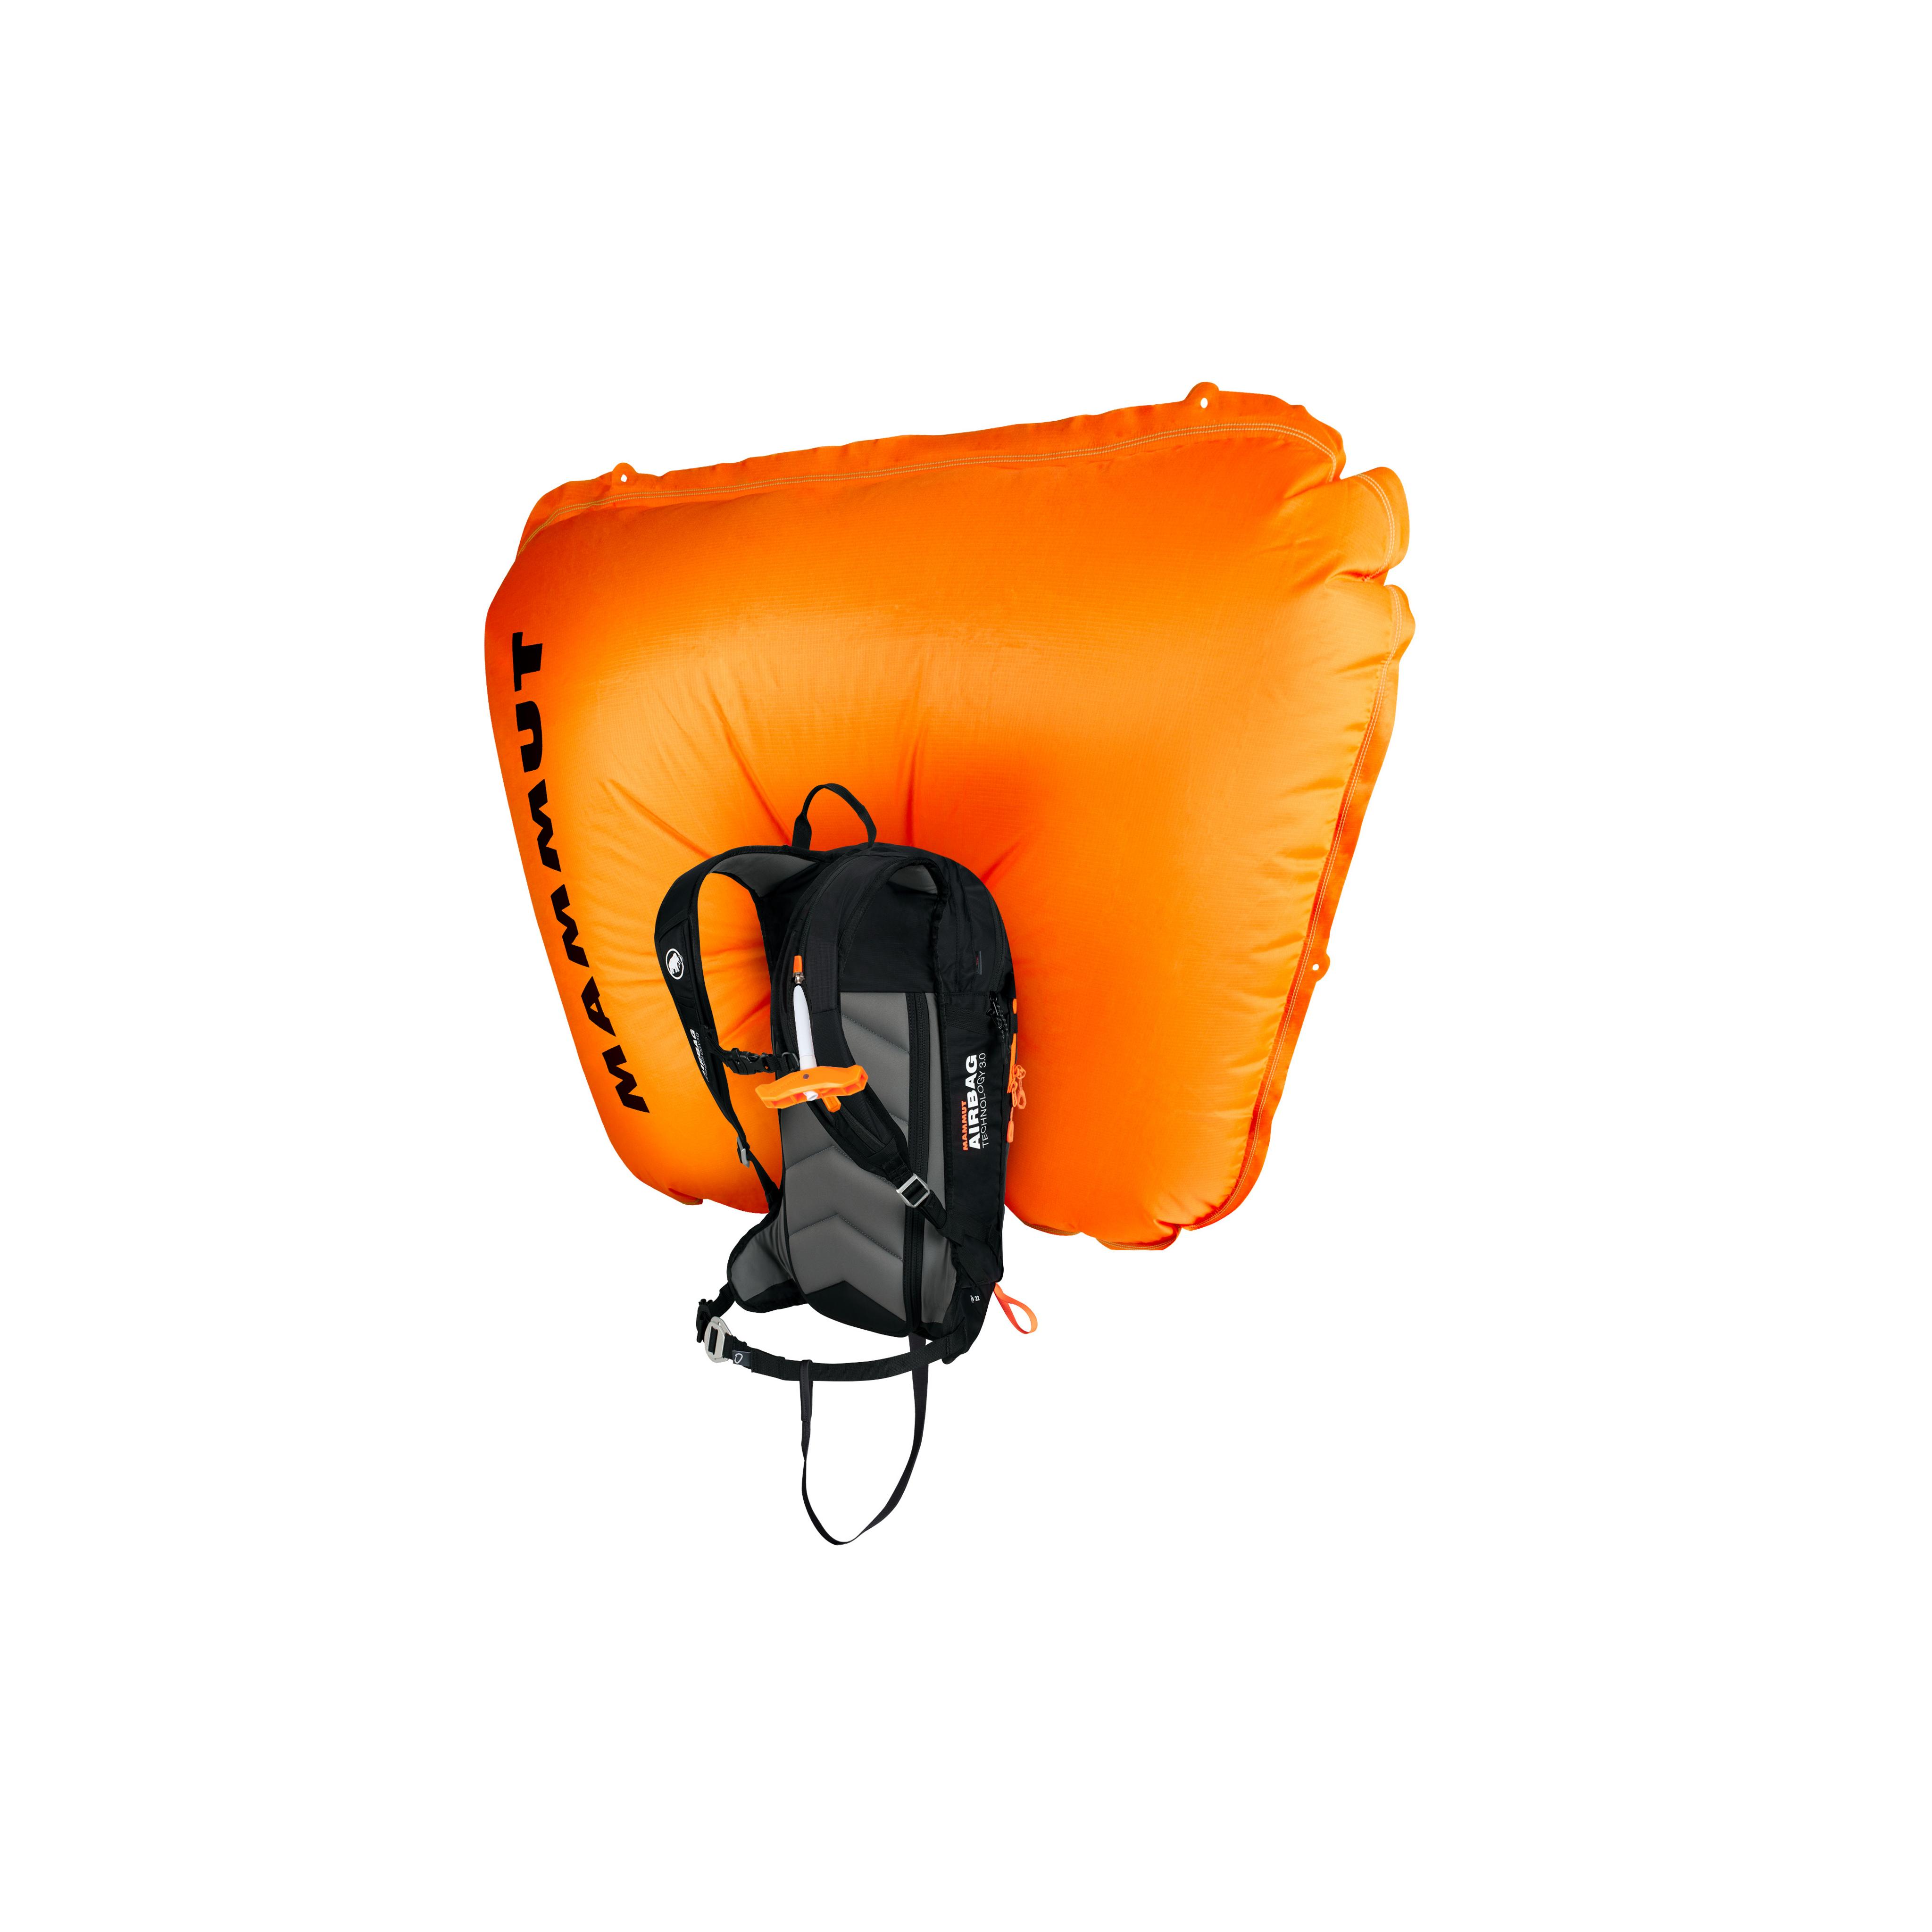 Flip Removable Airbag 3.0 - 22 L, black-vibrant orange thumbnail